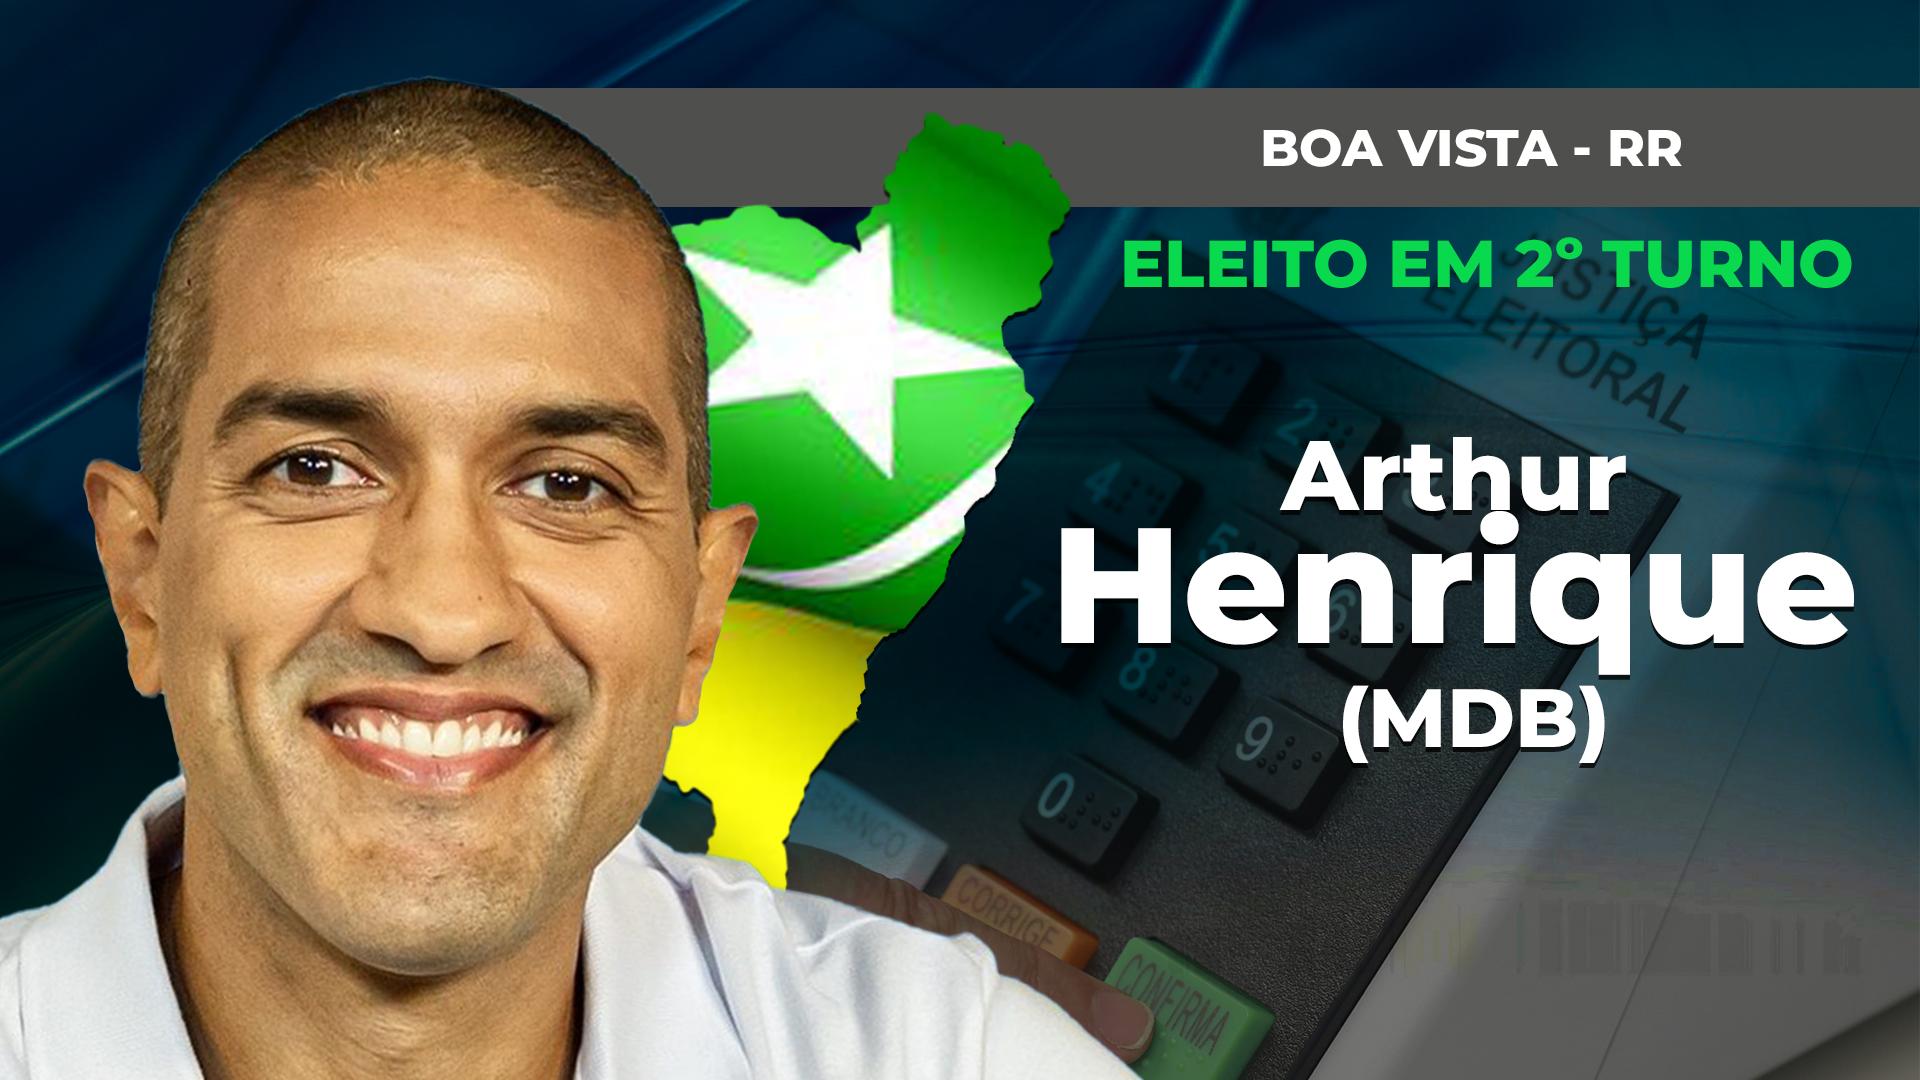 IMAGEM: BOA VISTA: ARTHUR HENRIQUE É ELEITO